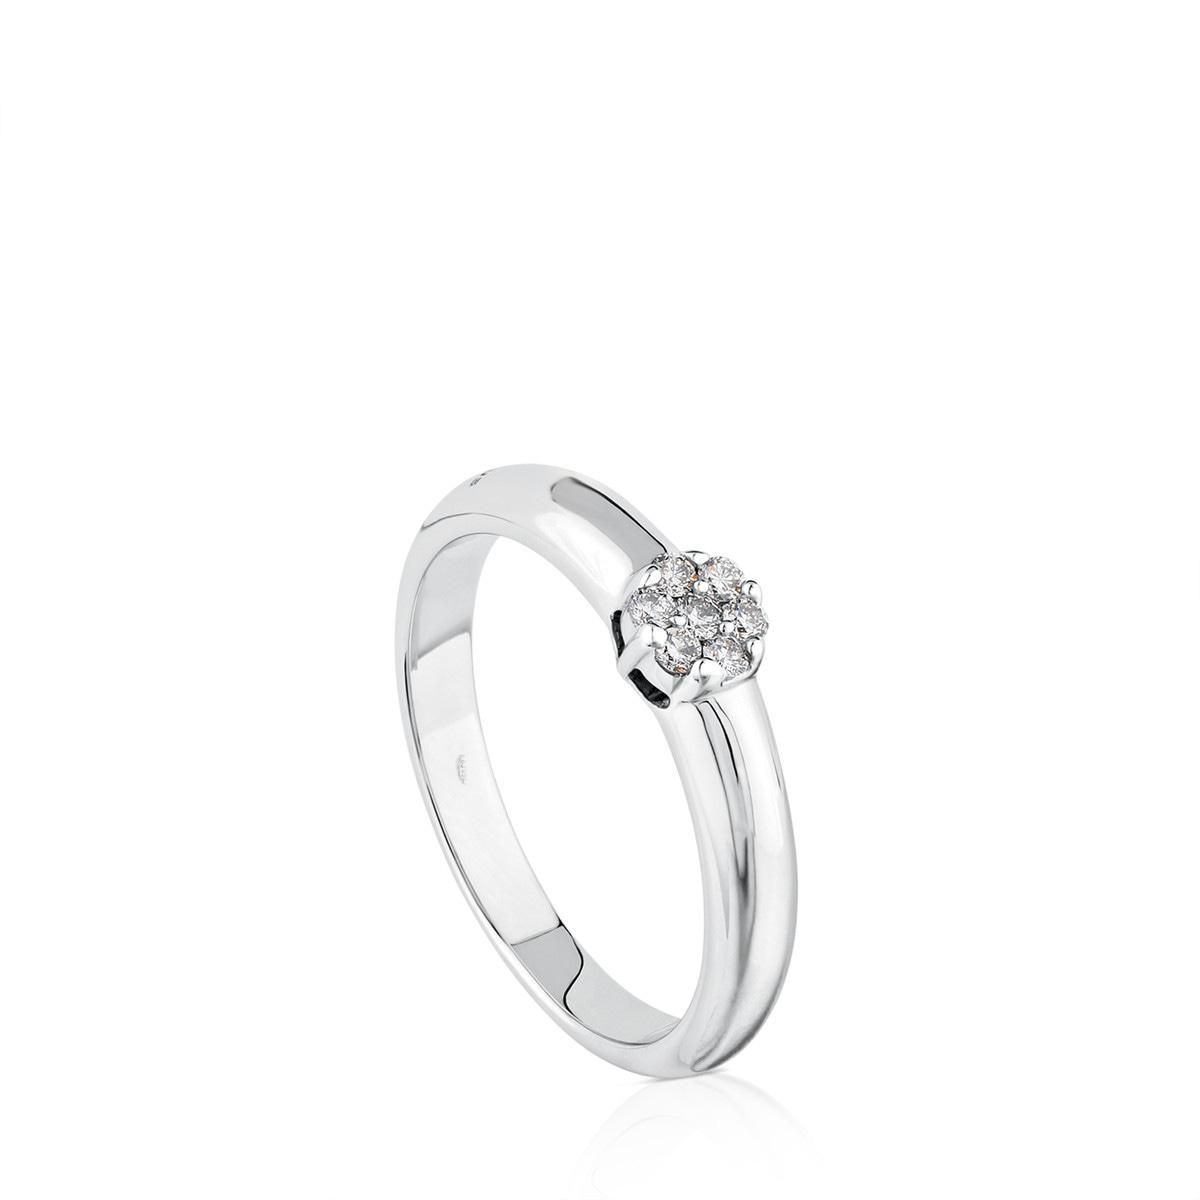 35c02c43df35 Anillo TOUS Diamonds de Oro blanco con Diamantes - Sitio web Tous España